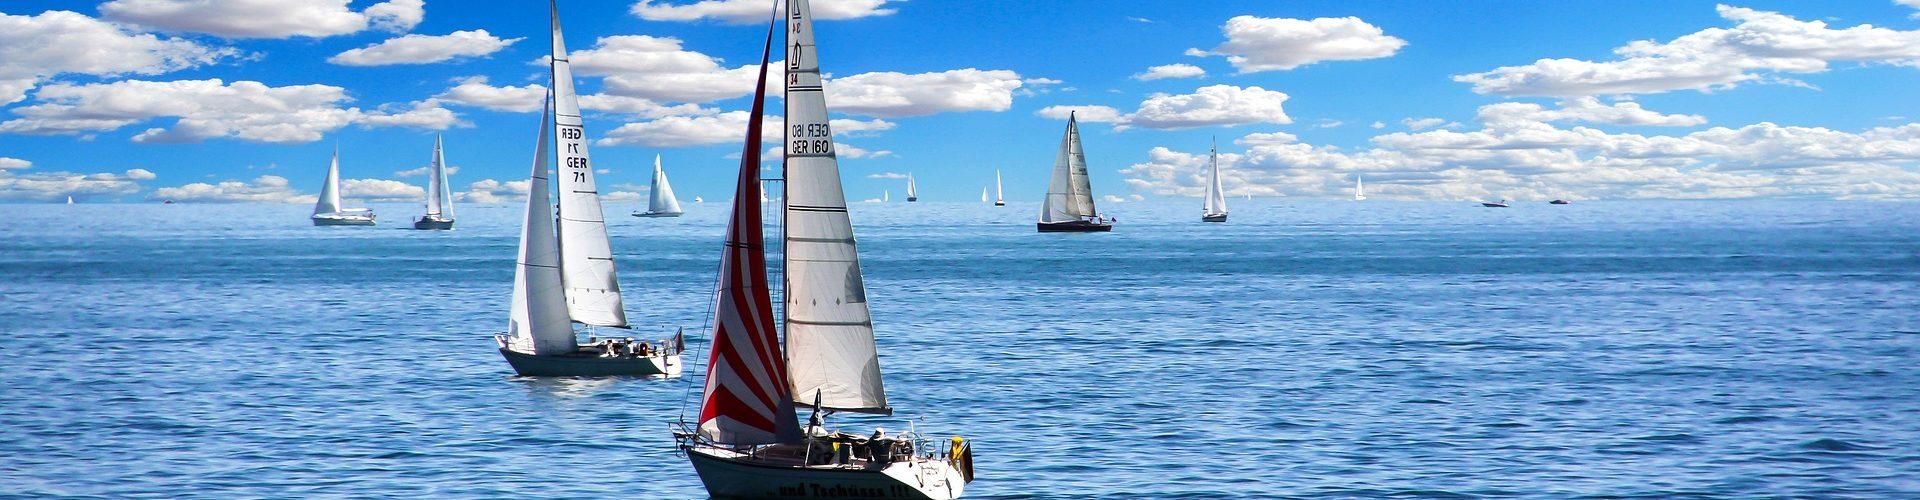 segeln lernen in Nideggen segelschein machen in Nideggen 1920x500 - Segeln lernen in Nideggen